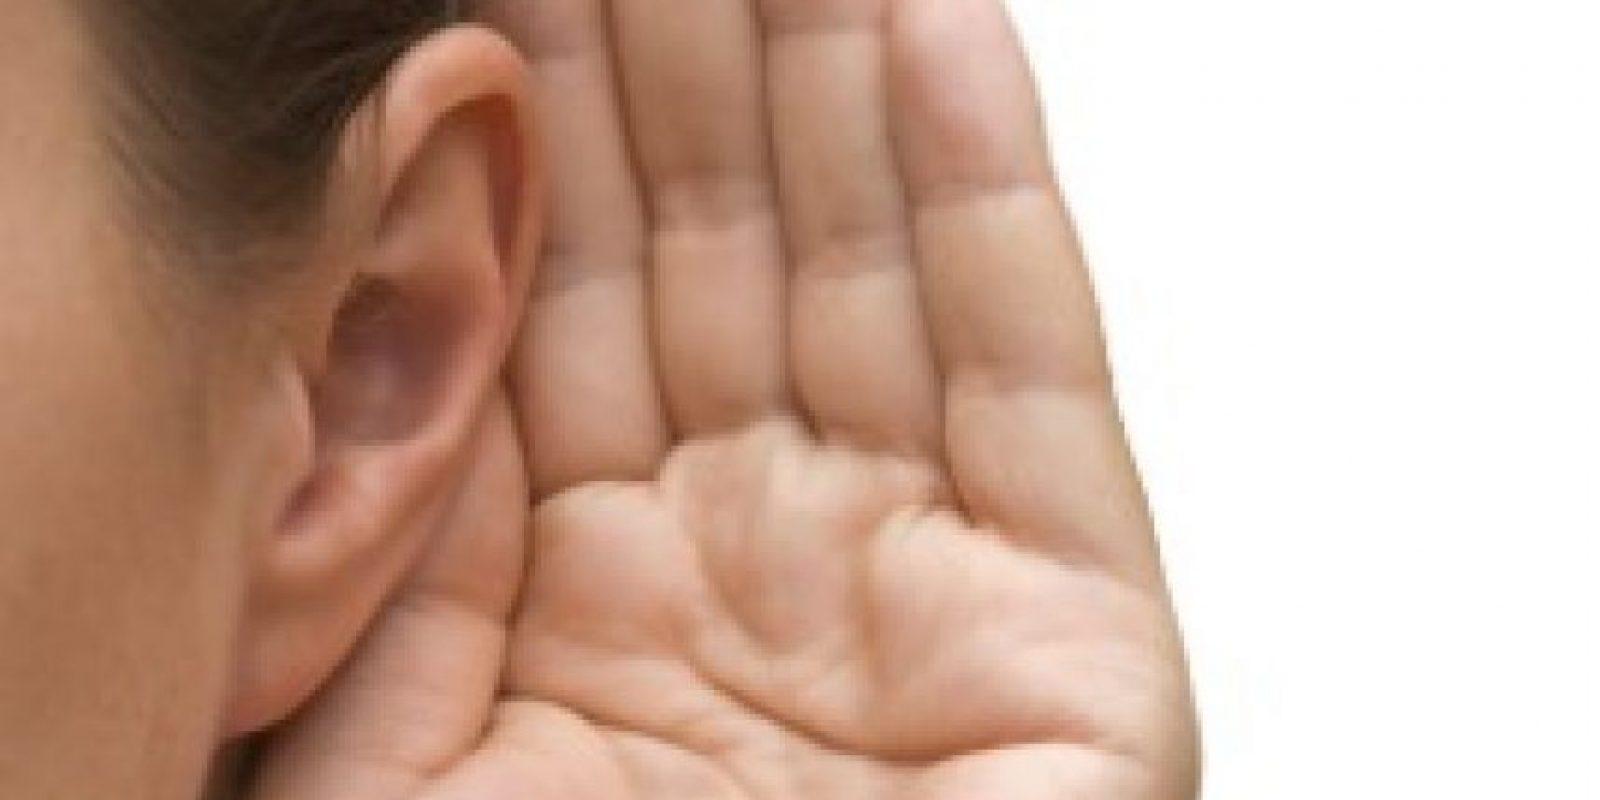 El oído derecho es genial para escuchar cuando en el ambiente hay mucho ruido. Así que si quieren escuchar conversaciones que hacen los demás en voz baja, preparen su oído derecho. Foto:Wikimedia